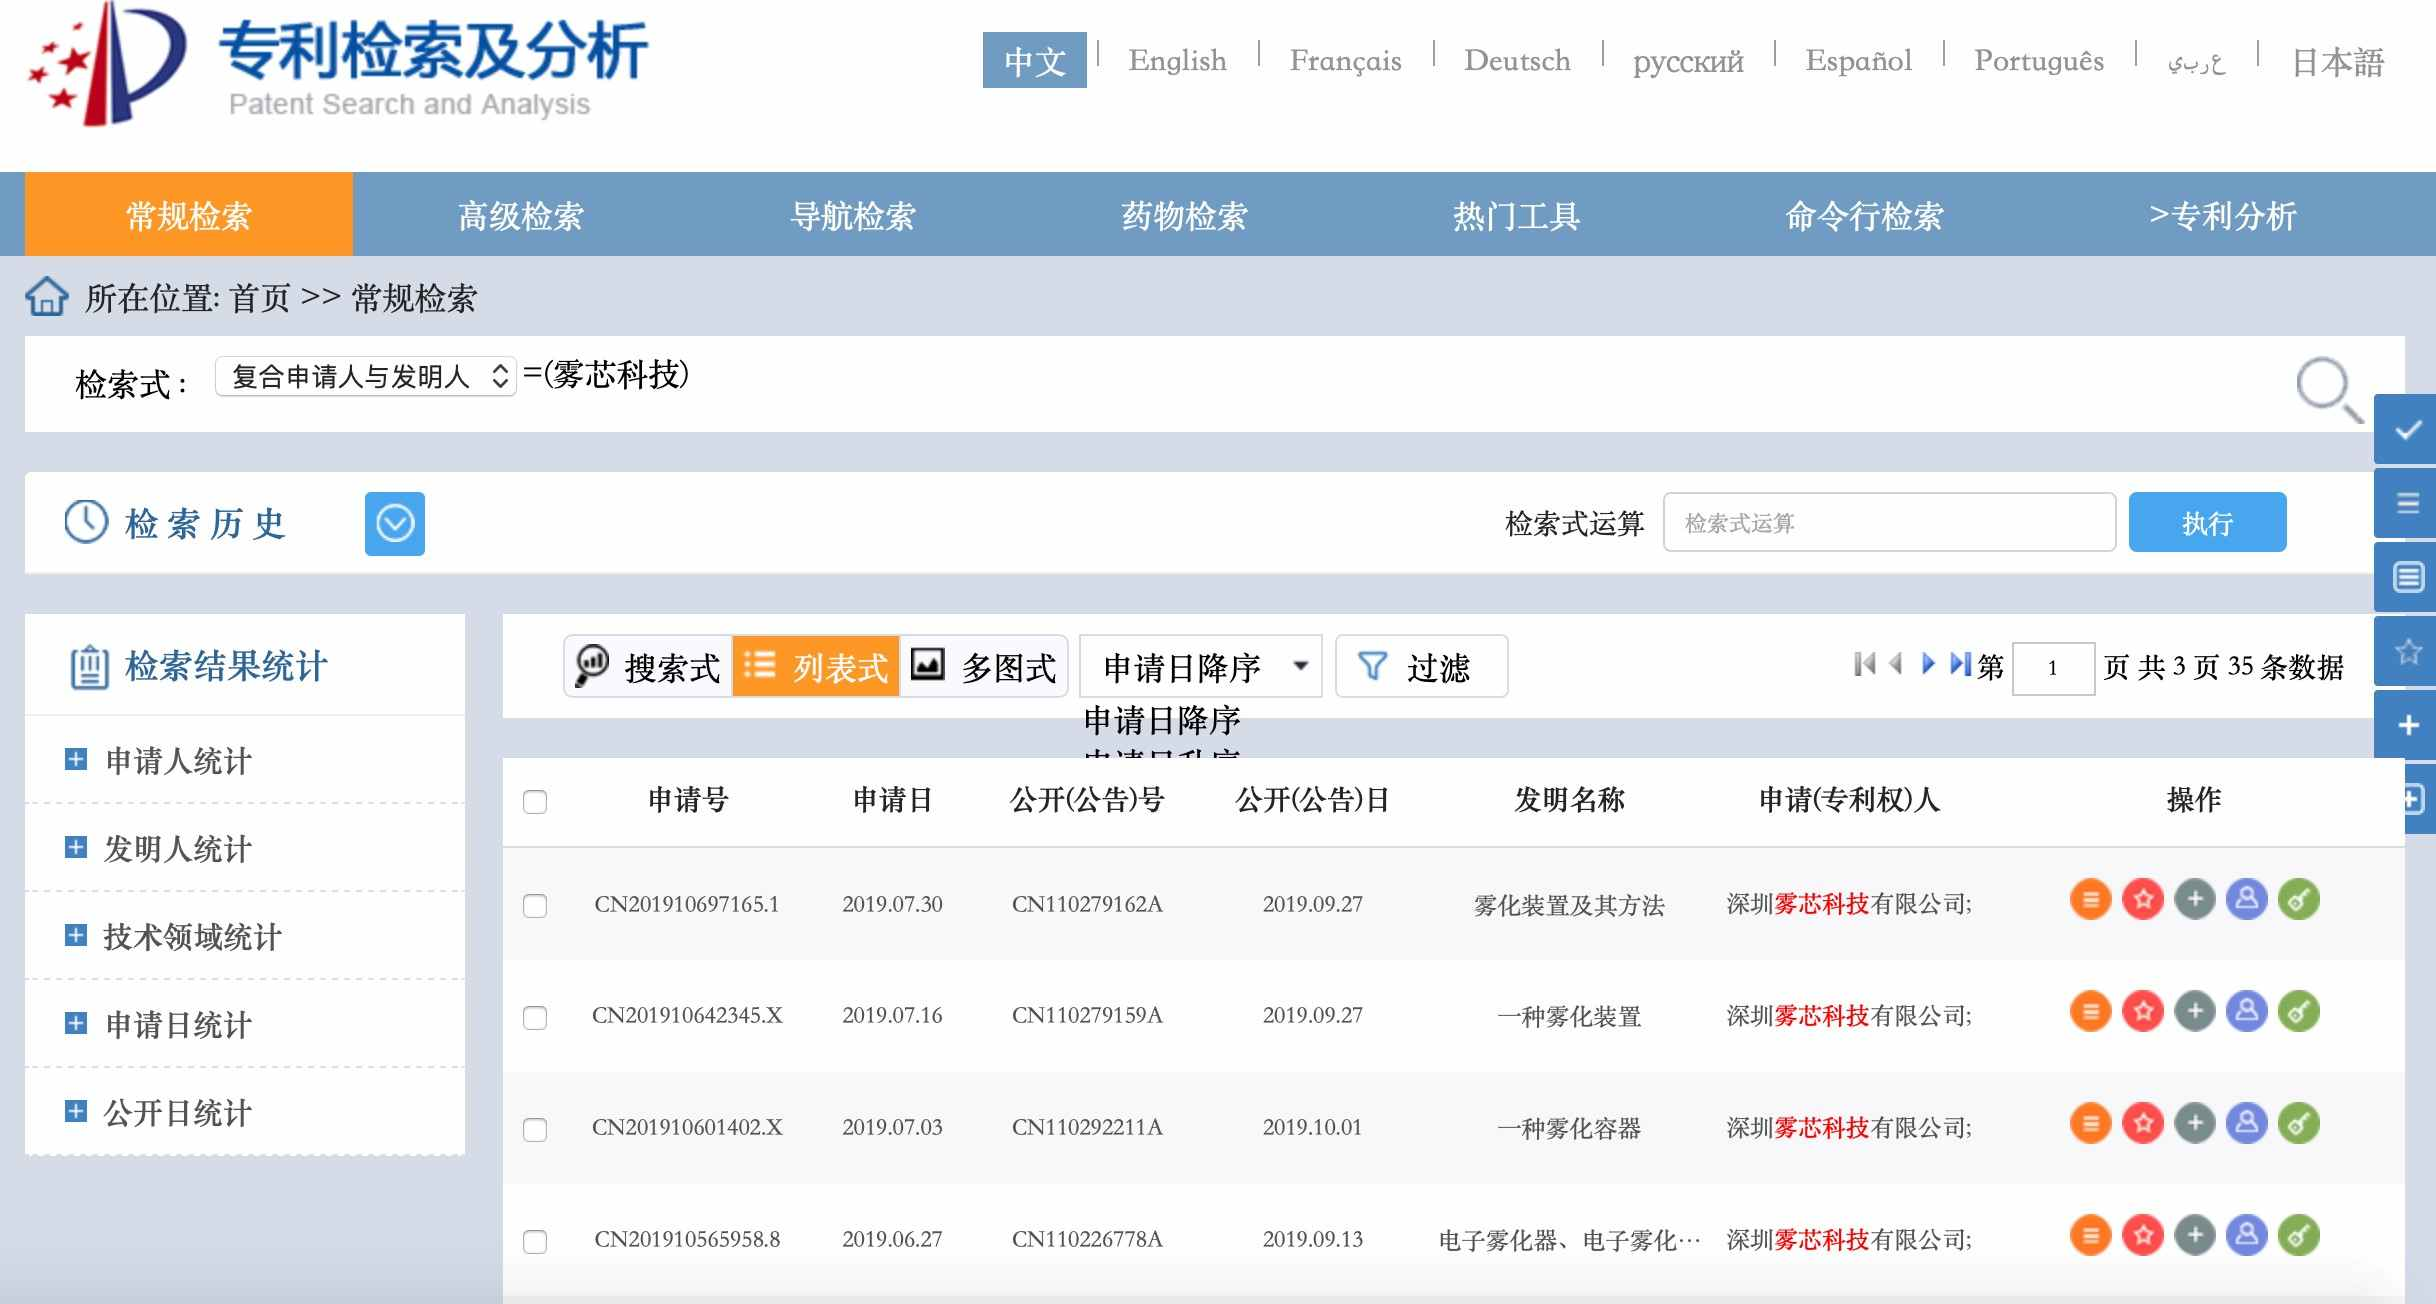 破解创新密码 RELX悦刻专利申请数超170件